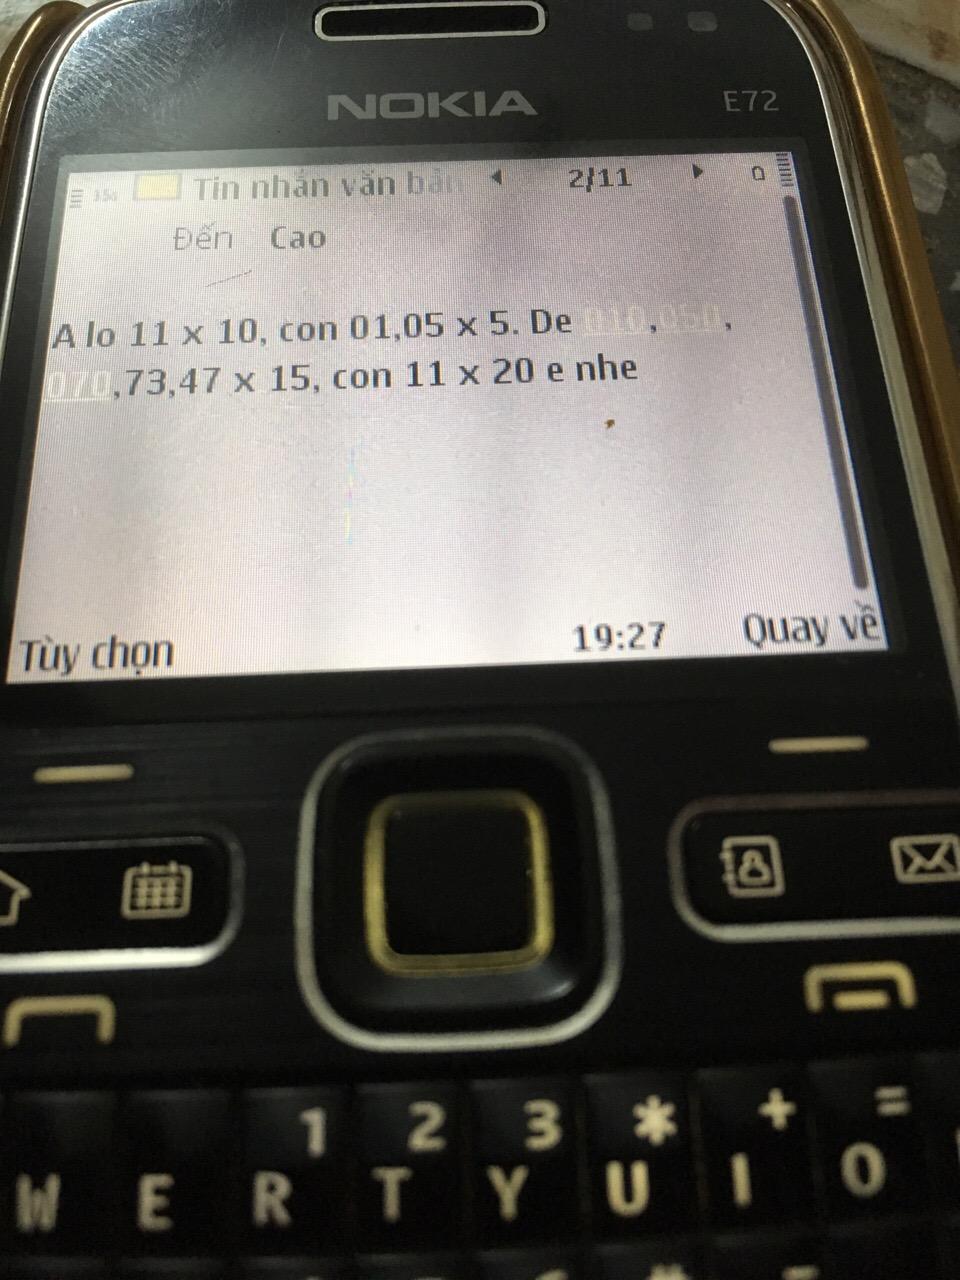 95157FFD-A7DA-4AC0-BF47-3D149DBEC6D9.jpeg